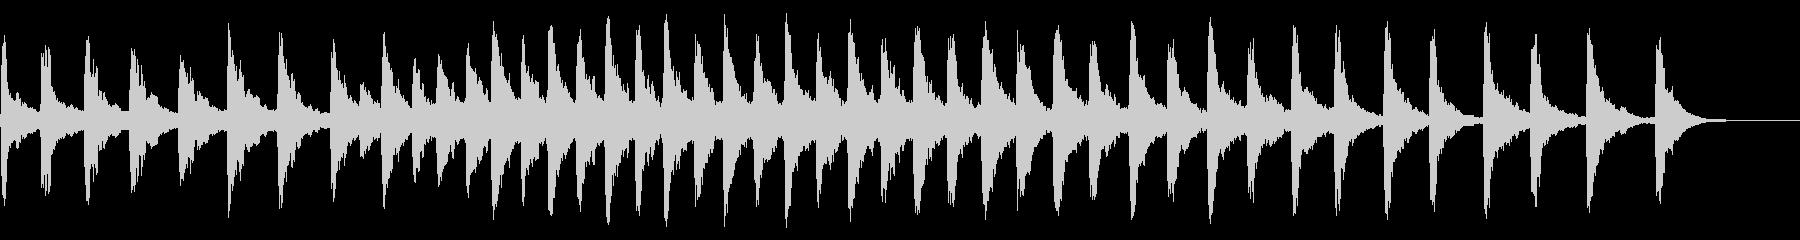 レプトンチャーチBベル:スロートゥ...の未再生の波形